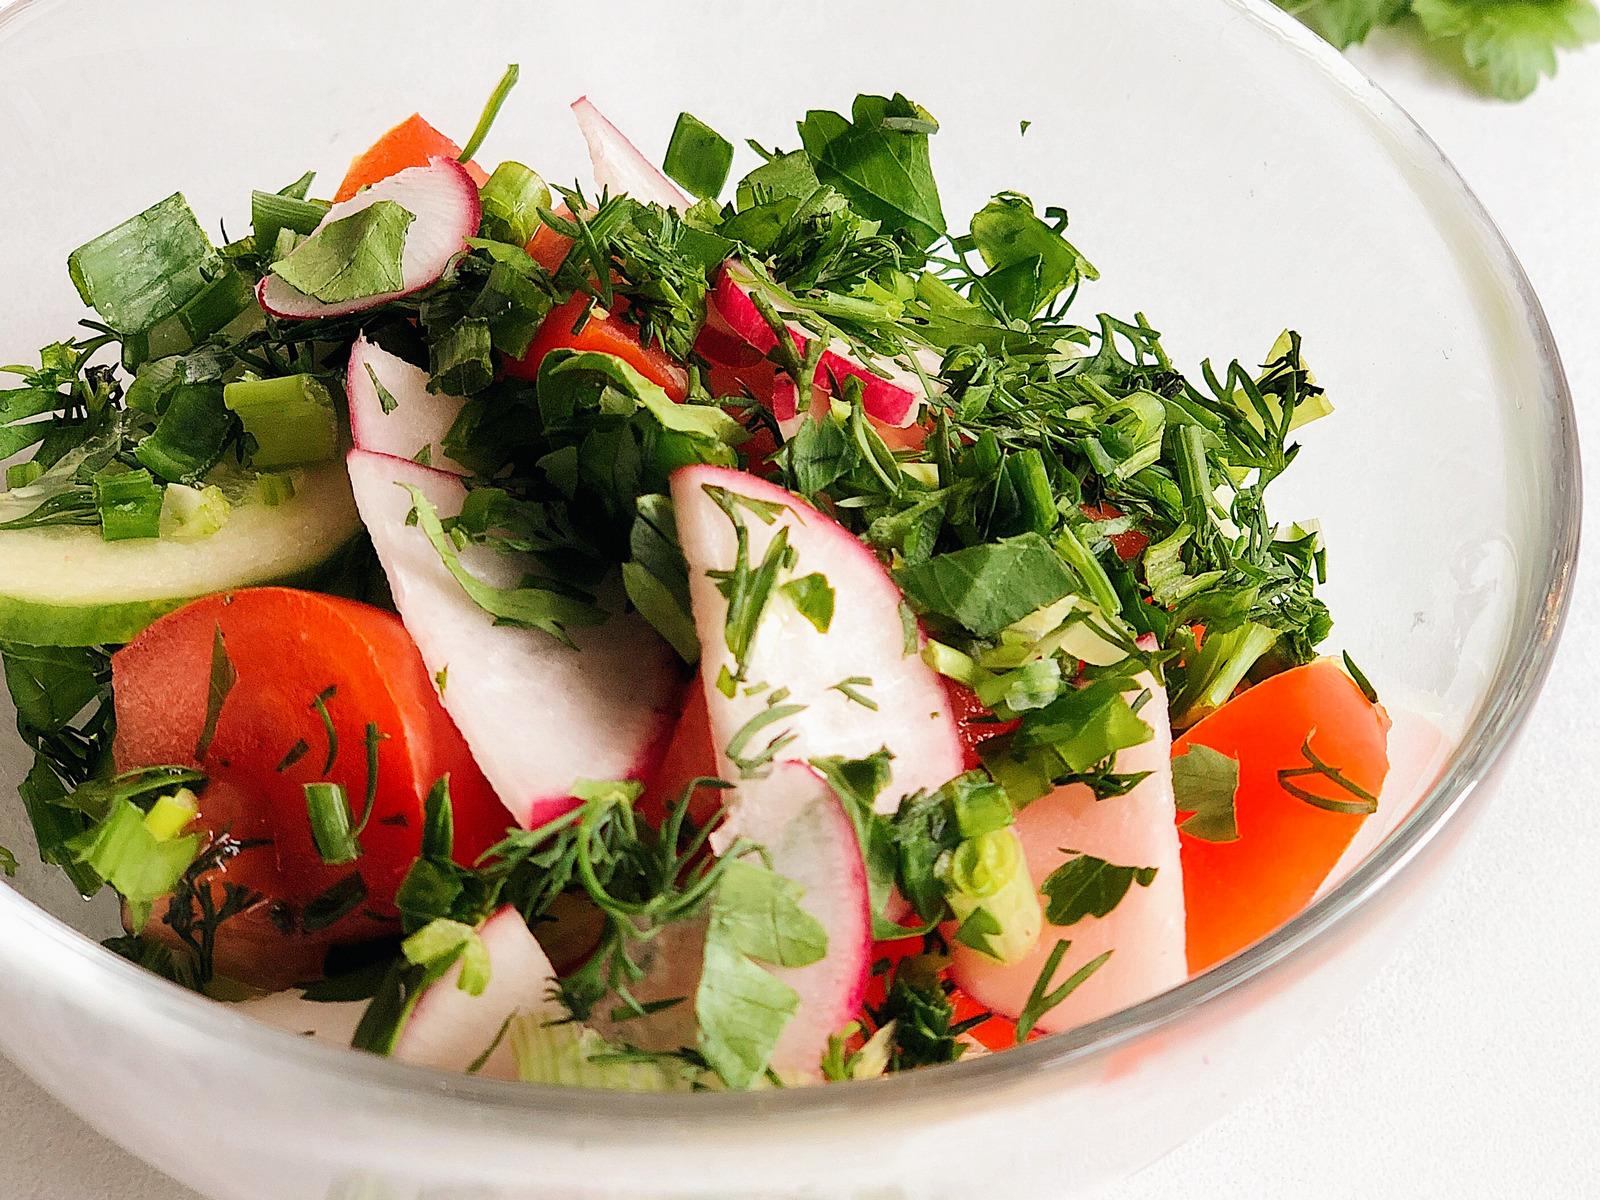 Салат овощной заправленный подсолнечным маслом